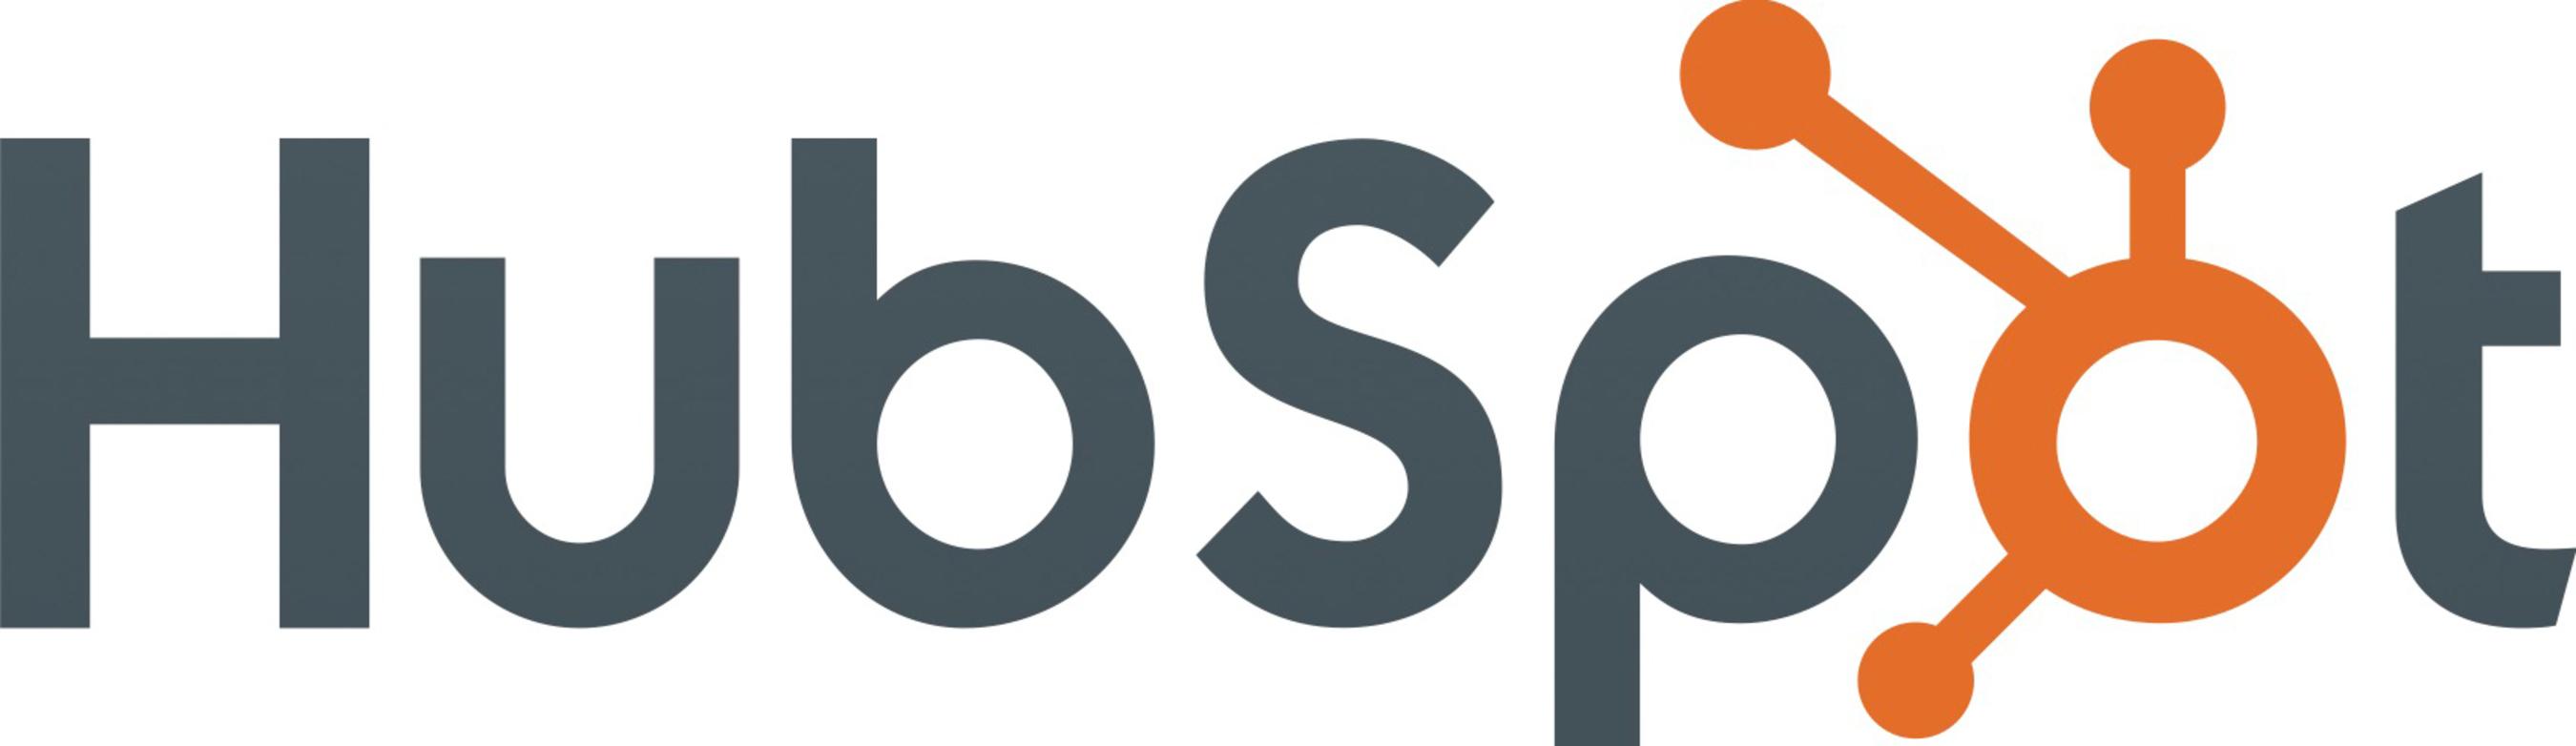 HubSpot, Inc. logo - www.hubspot.com.